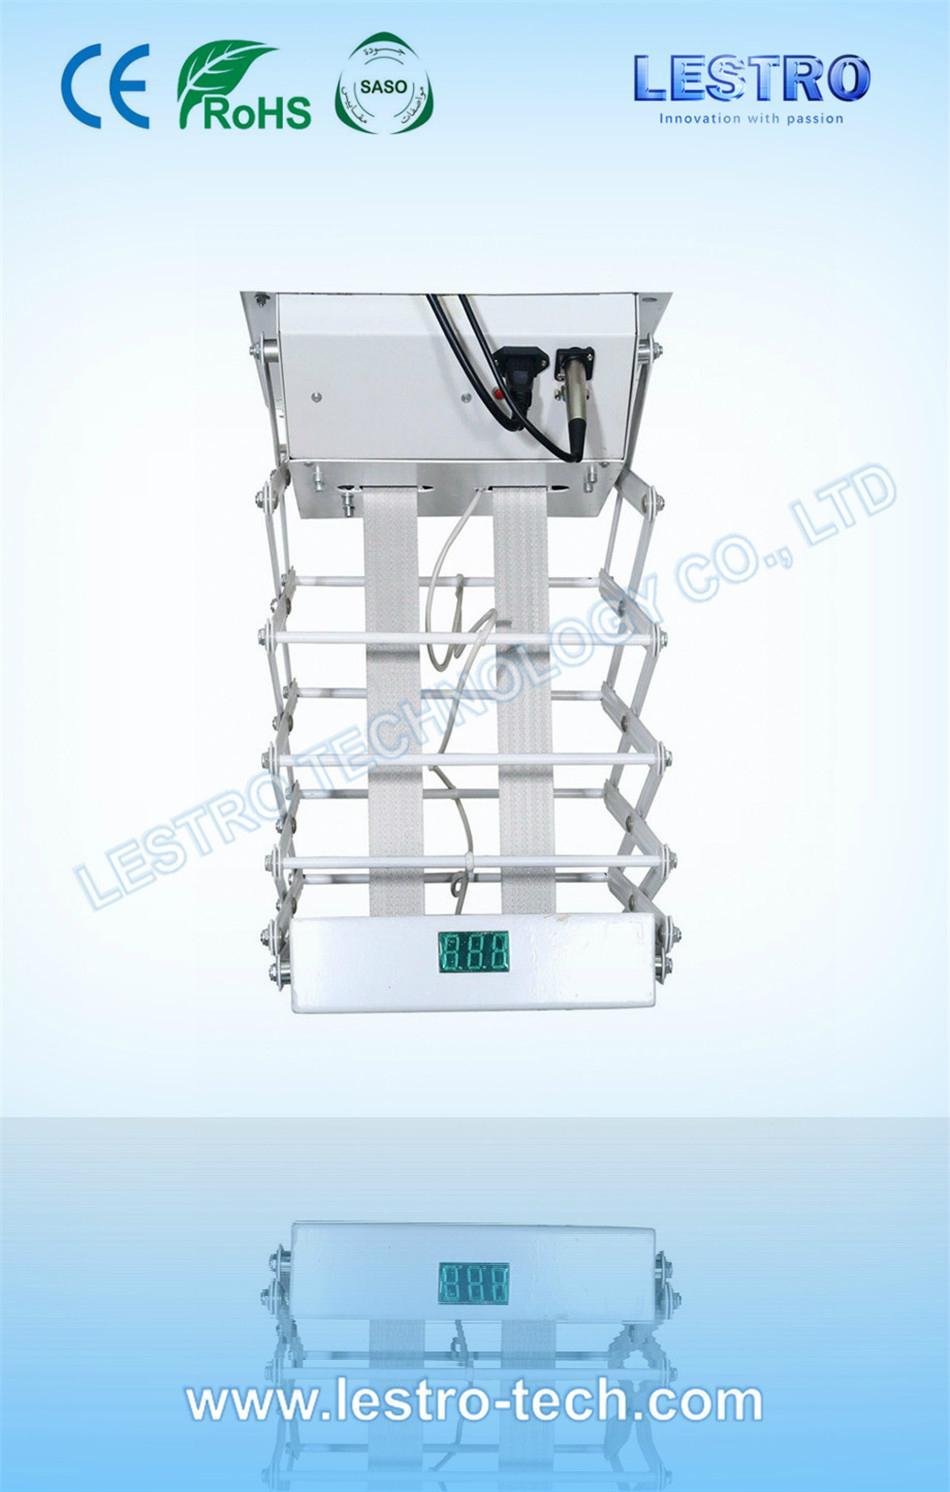 原廠直供  投影機弔架 投影機電動弔架BL系列  CE和ROHS認証  4